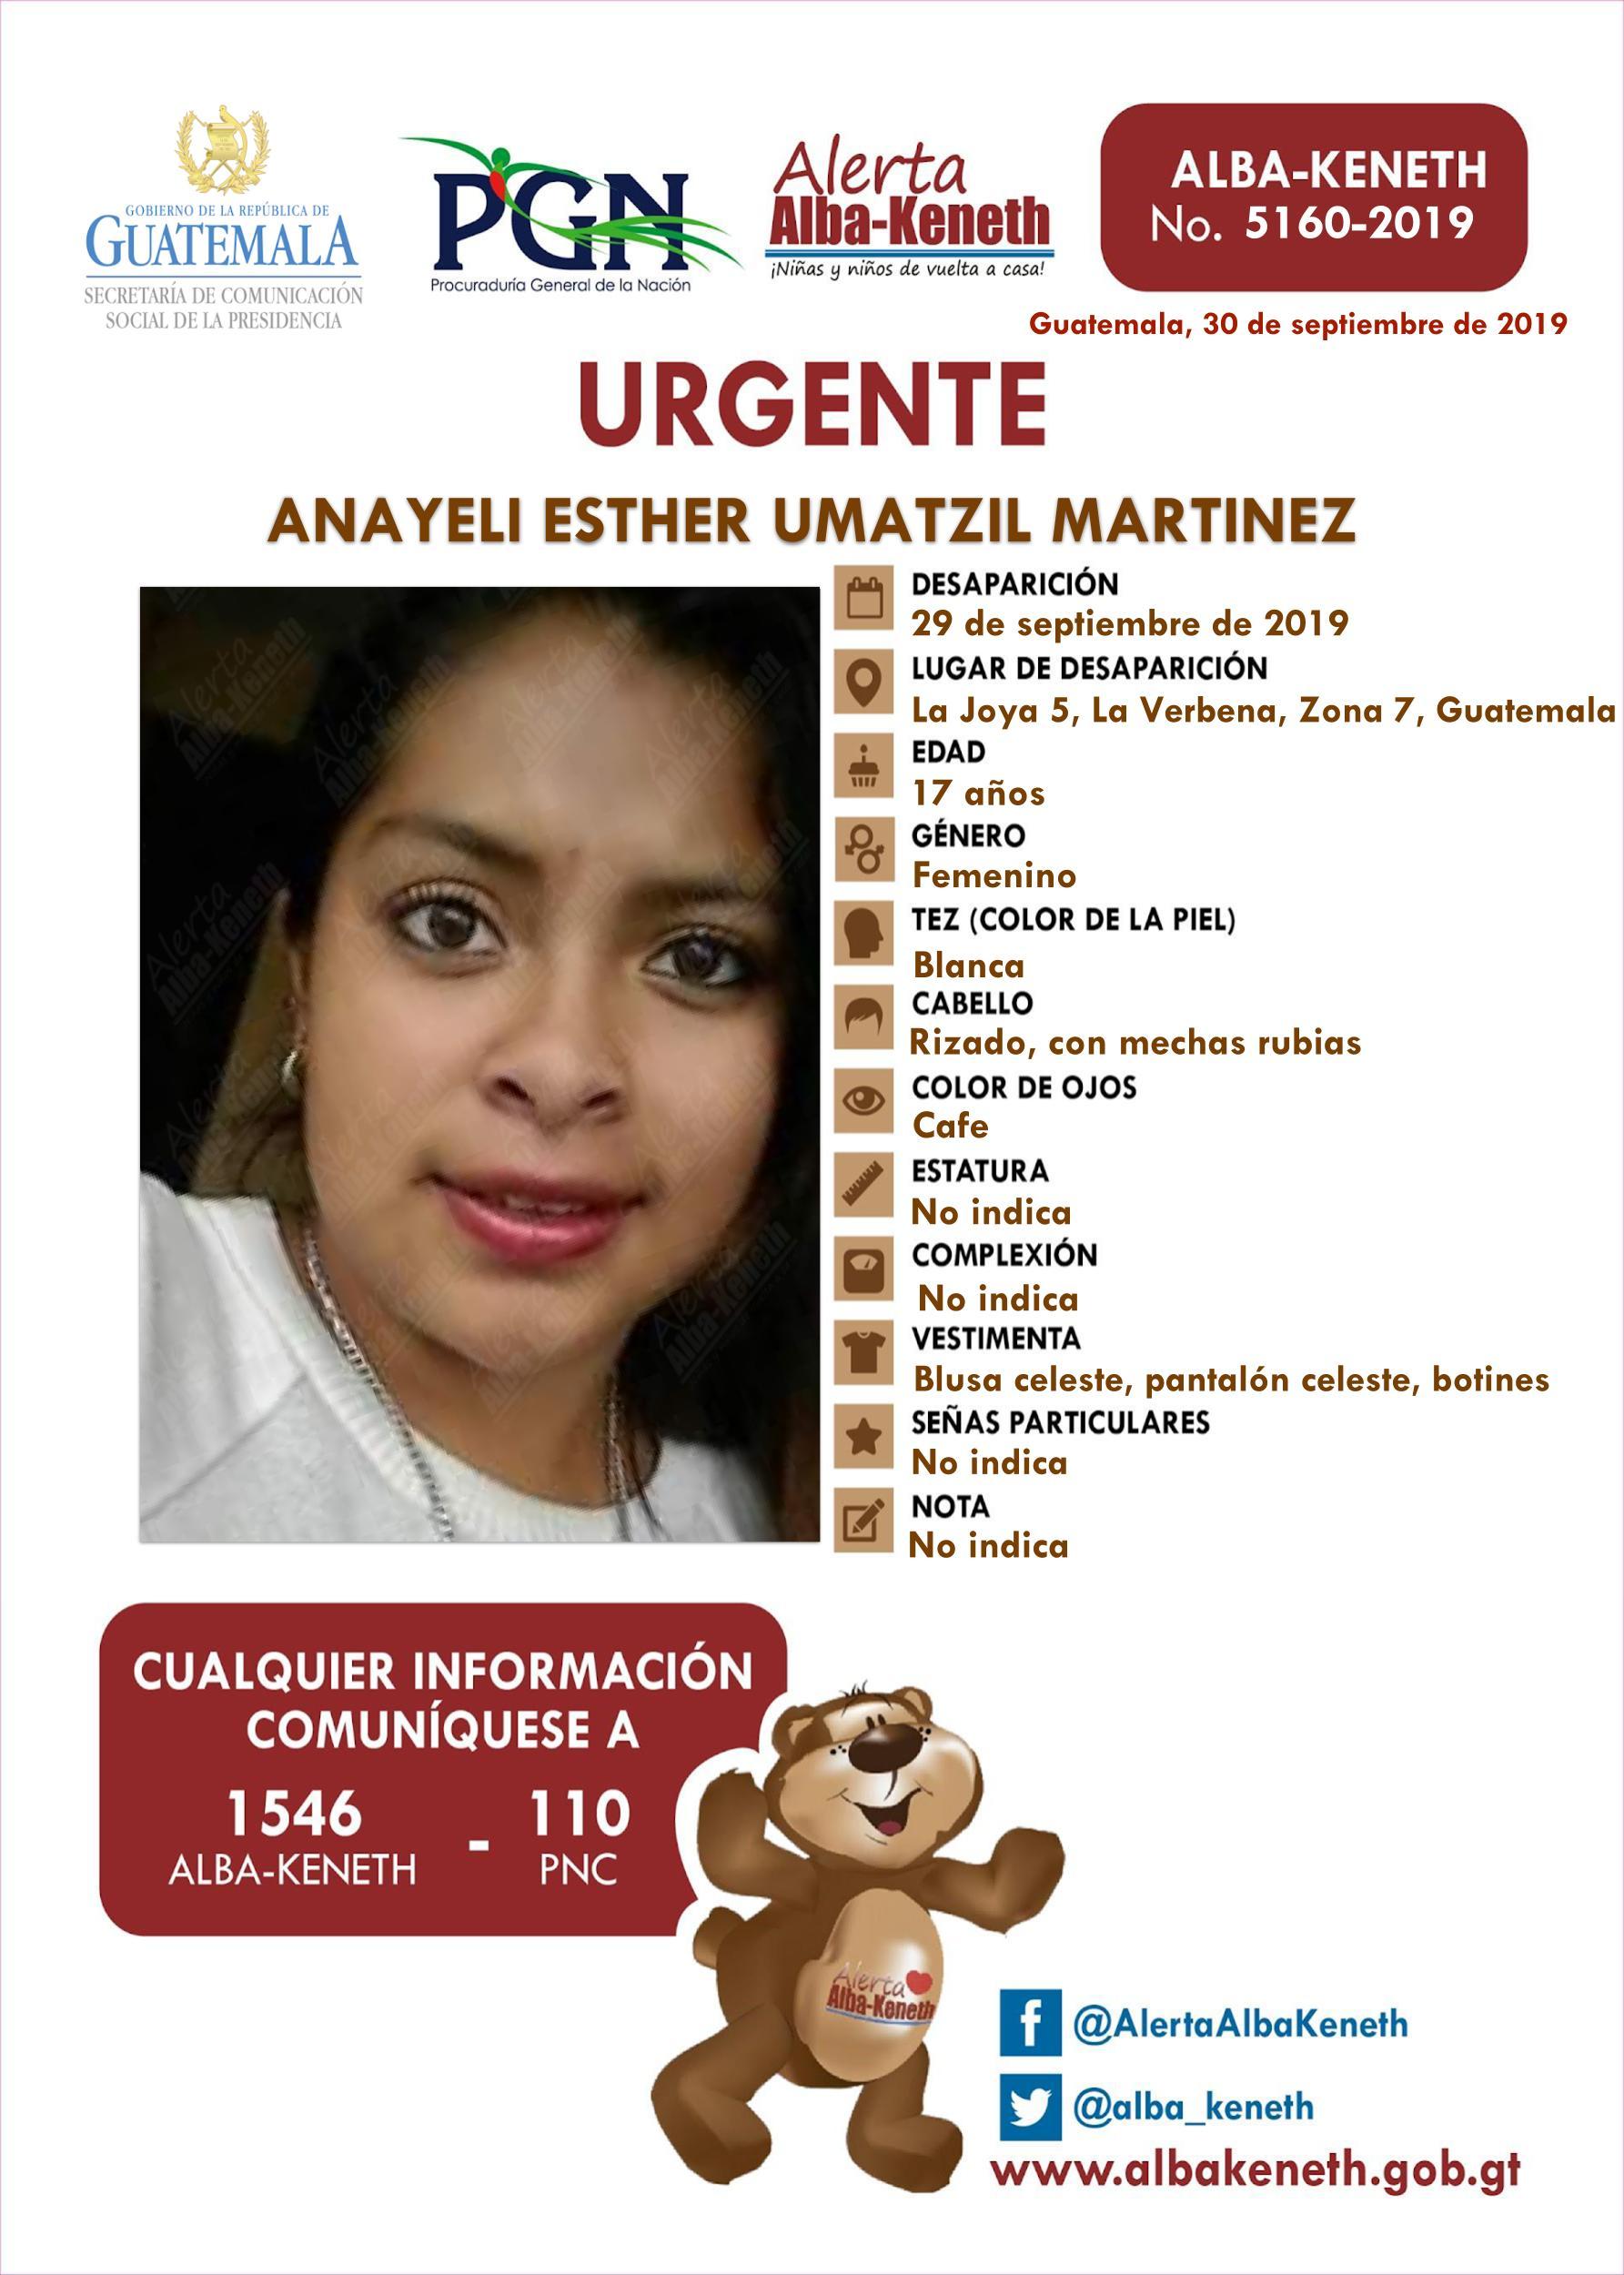 Anayeli Esther Uatzil Martinez